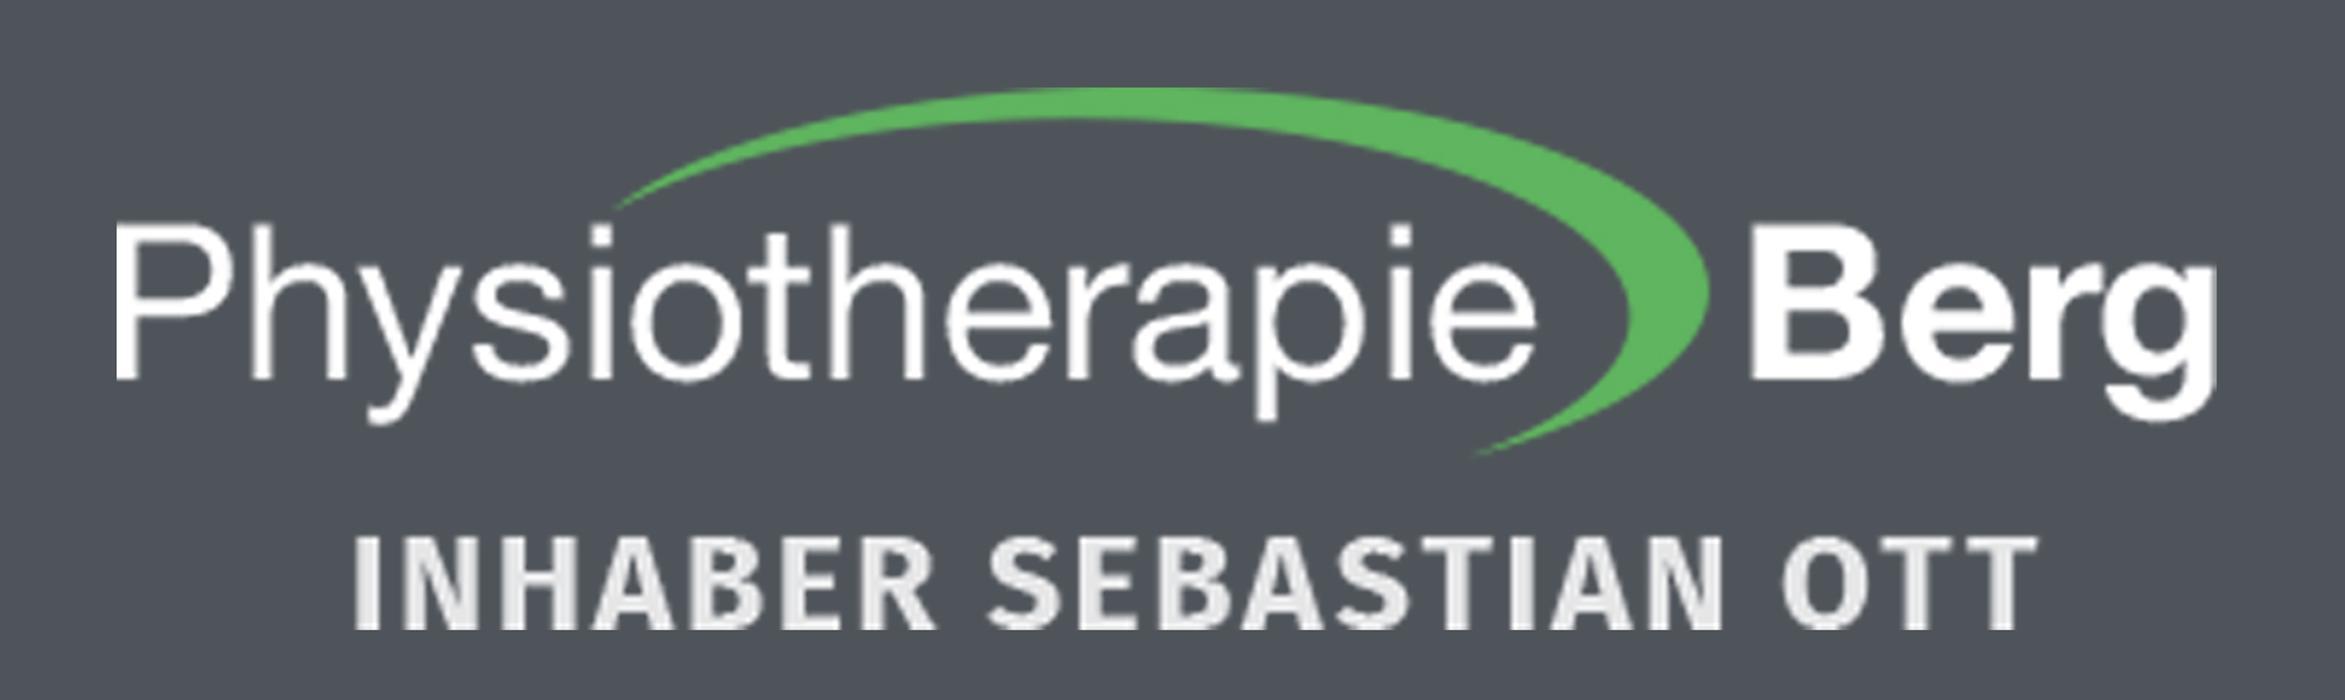 Bild zu Physiotherapie Berg Inh. Sebastian Ott in Lorsch in Hessen